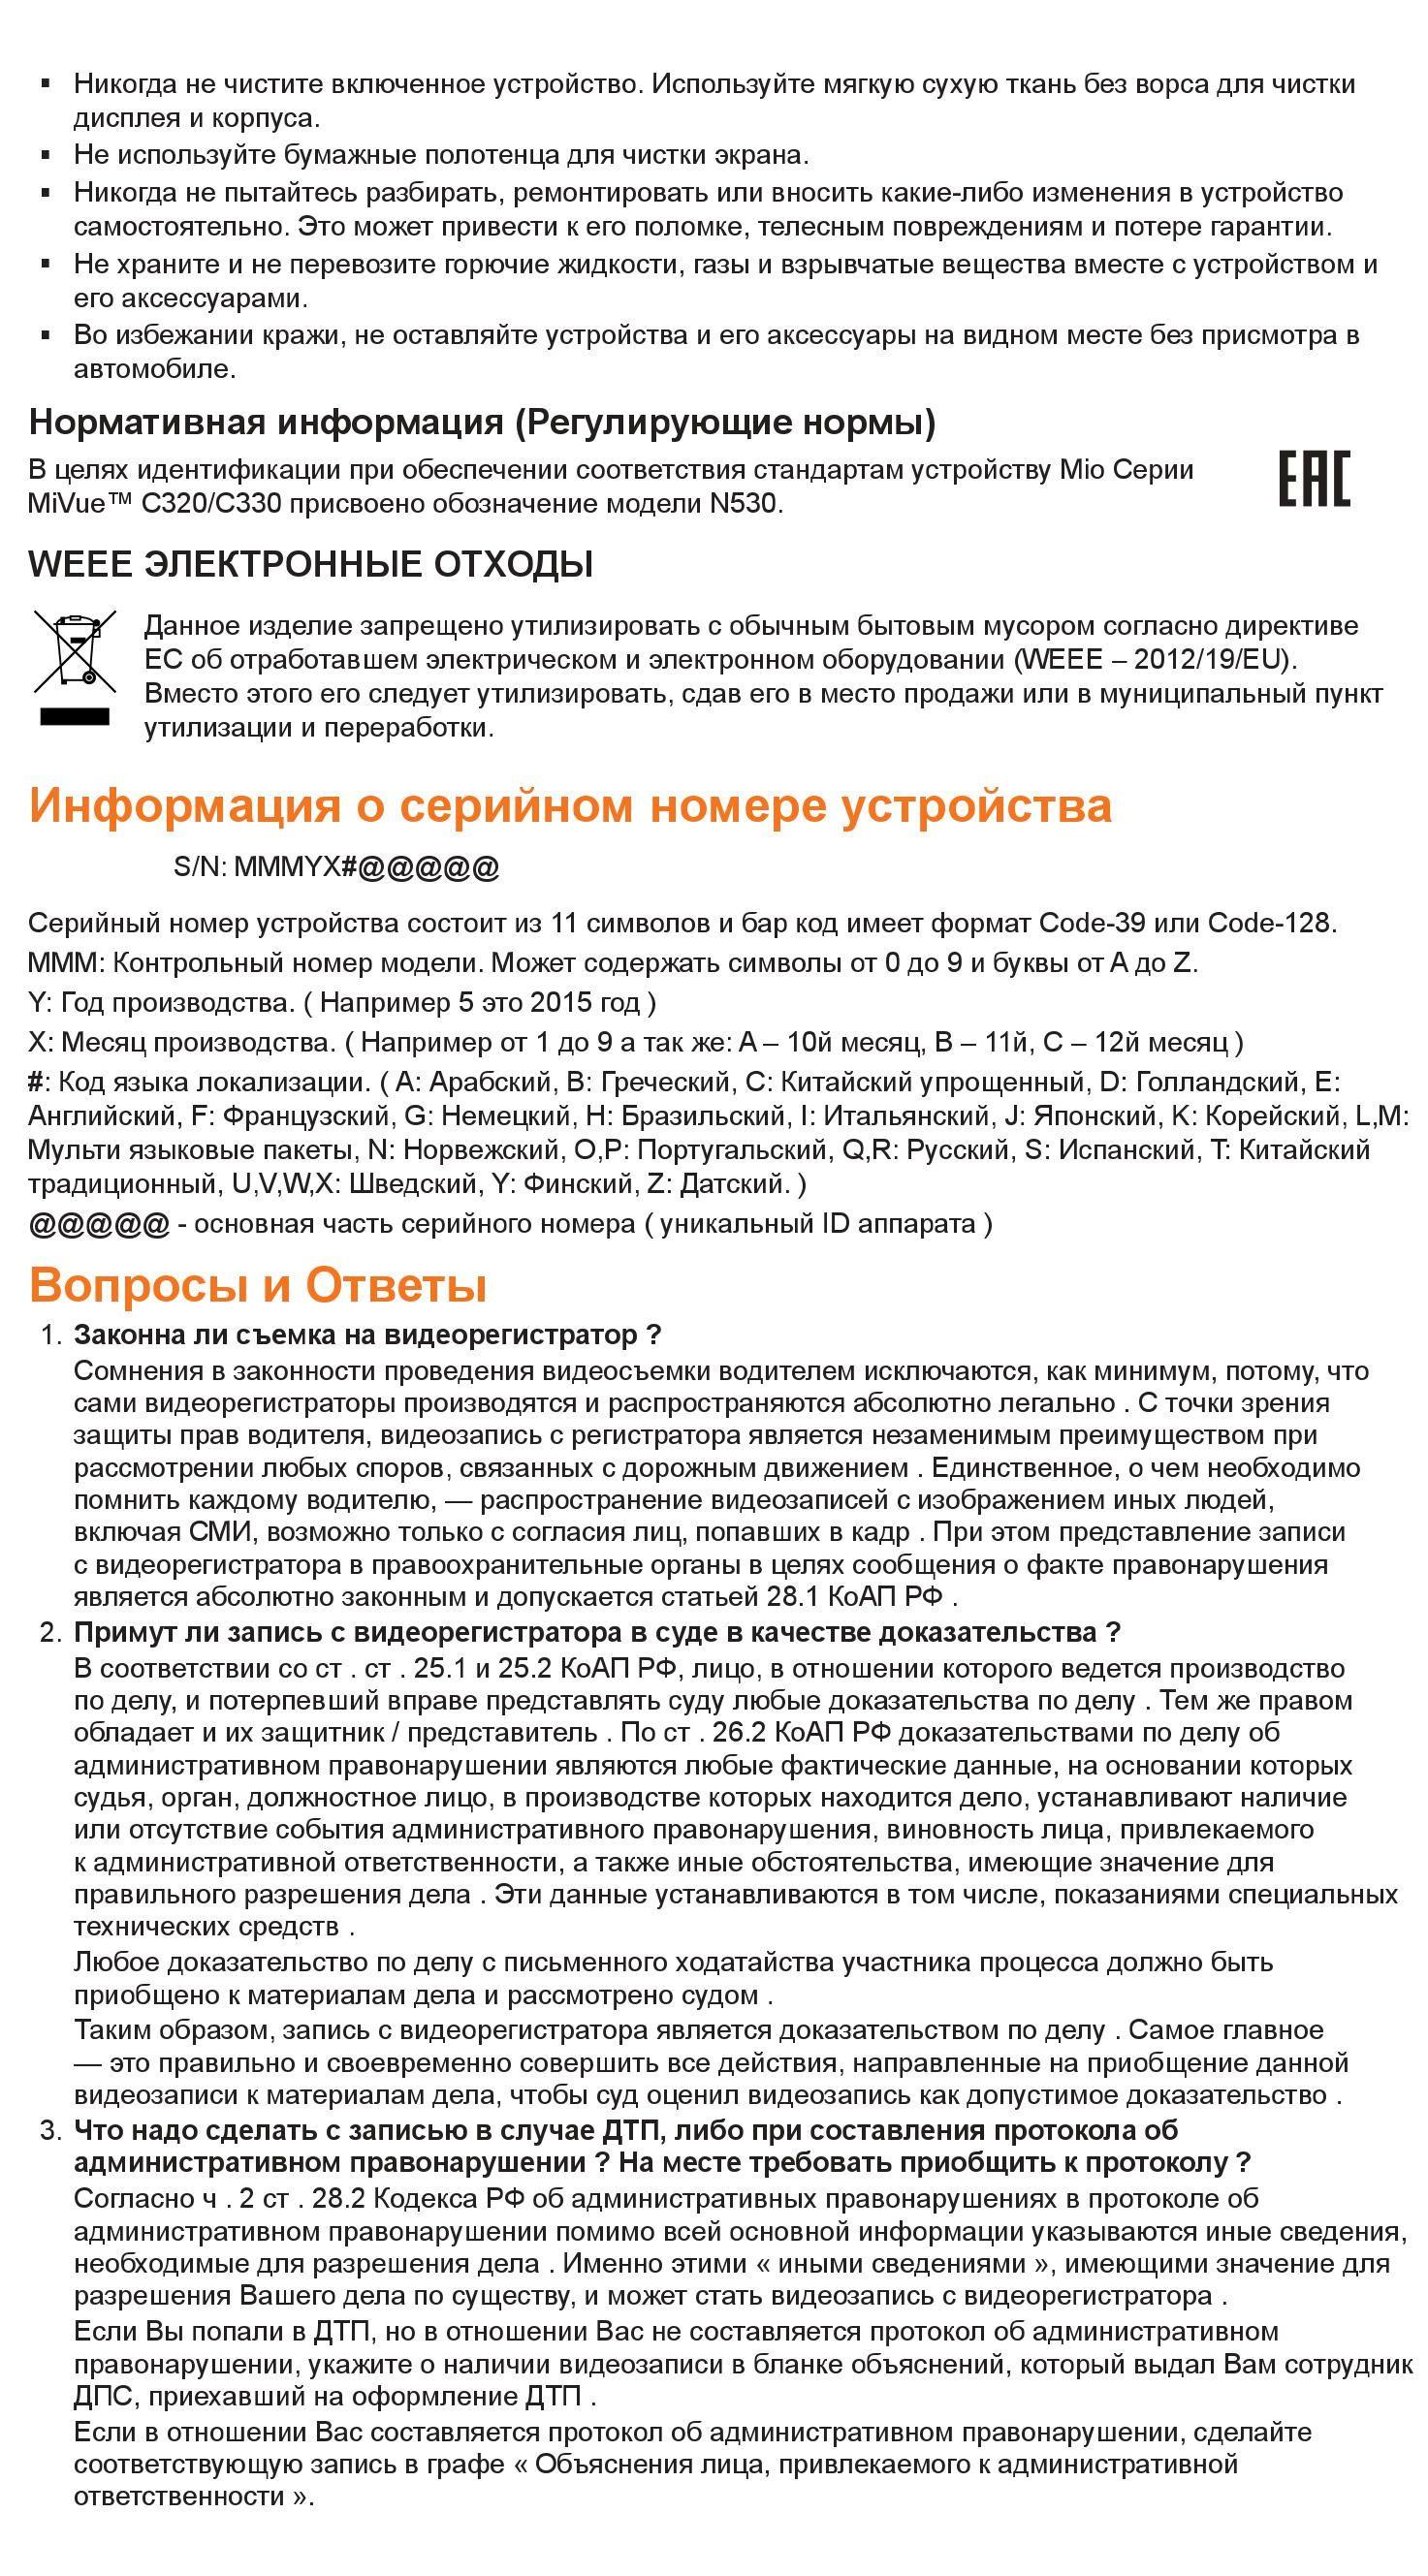 Руководство MiVue C320_C330_9.jpg